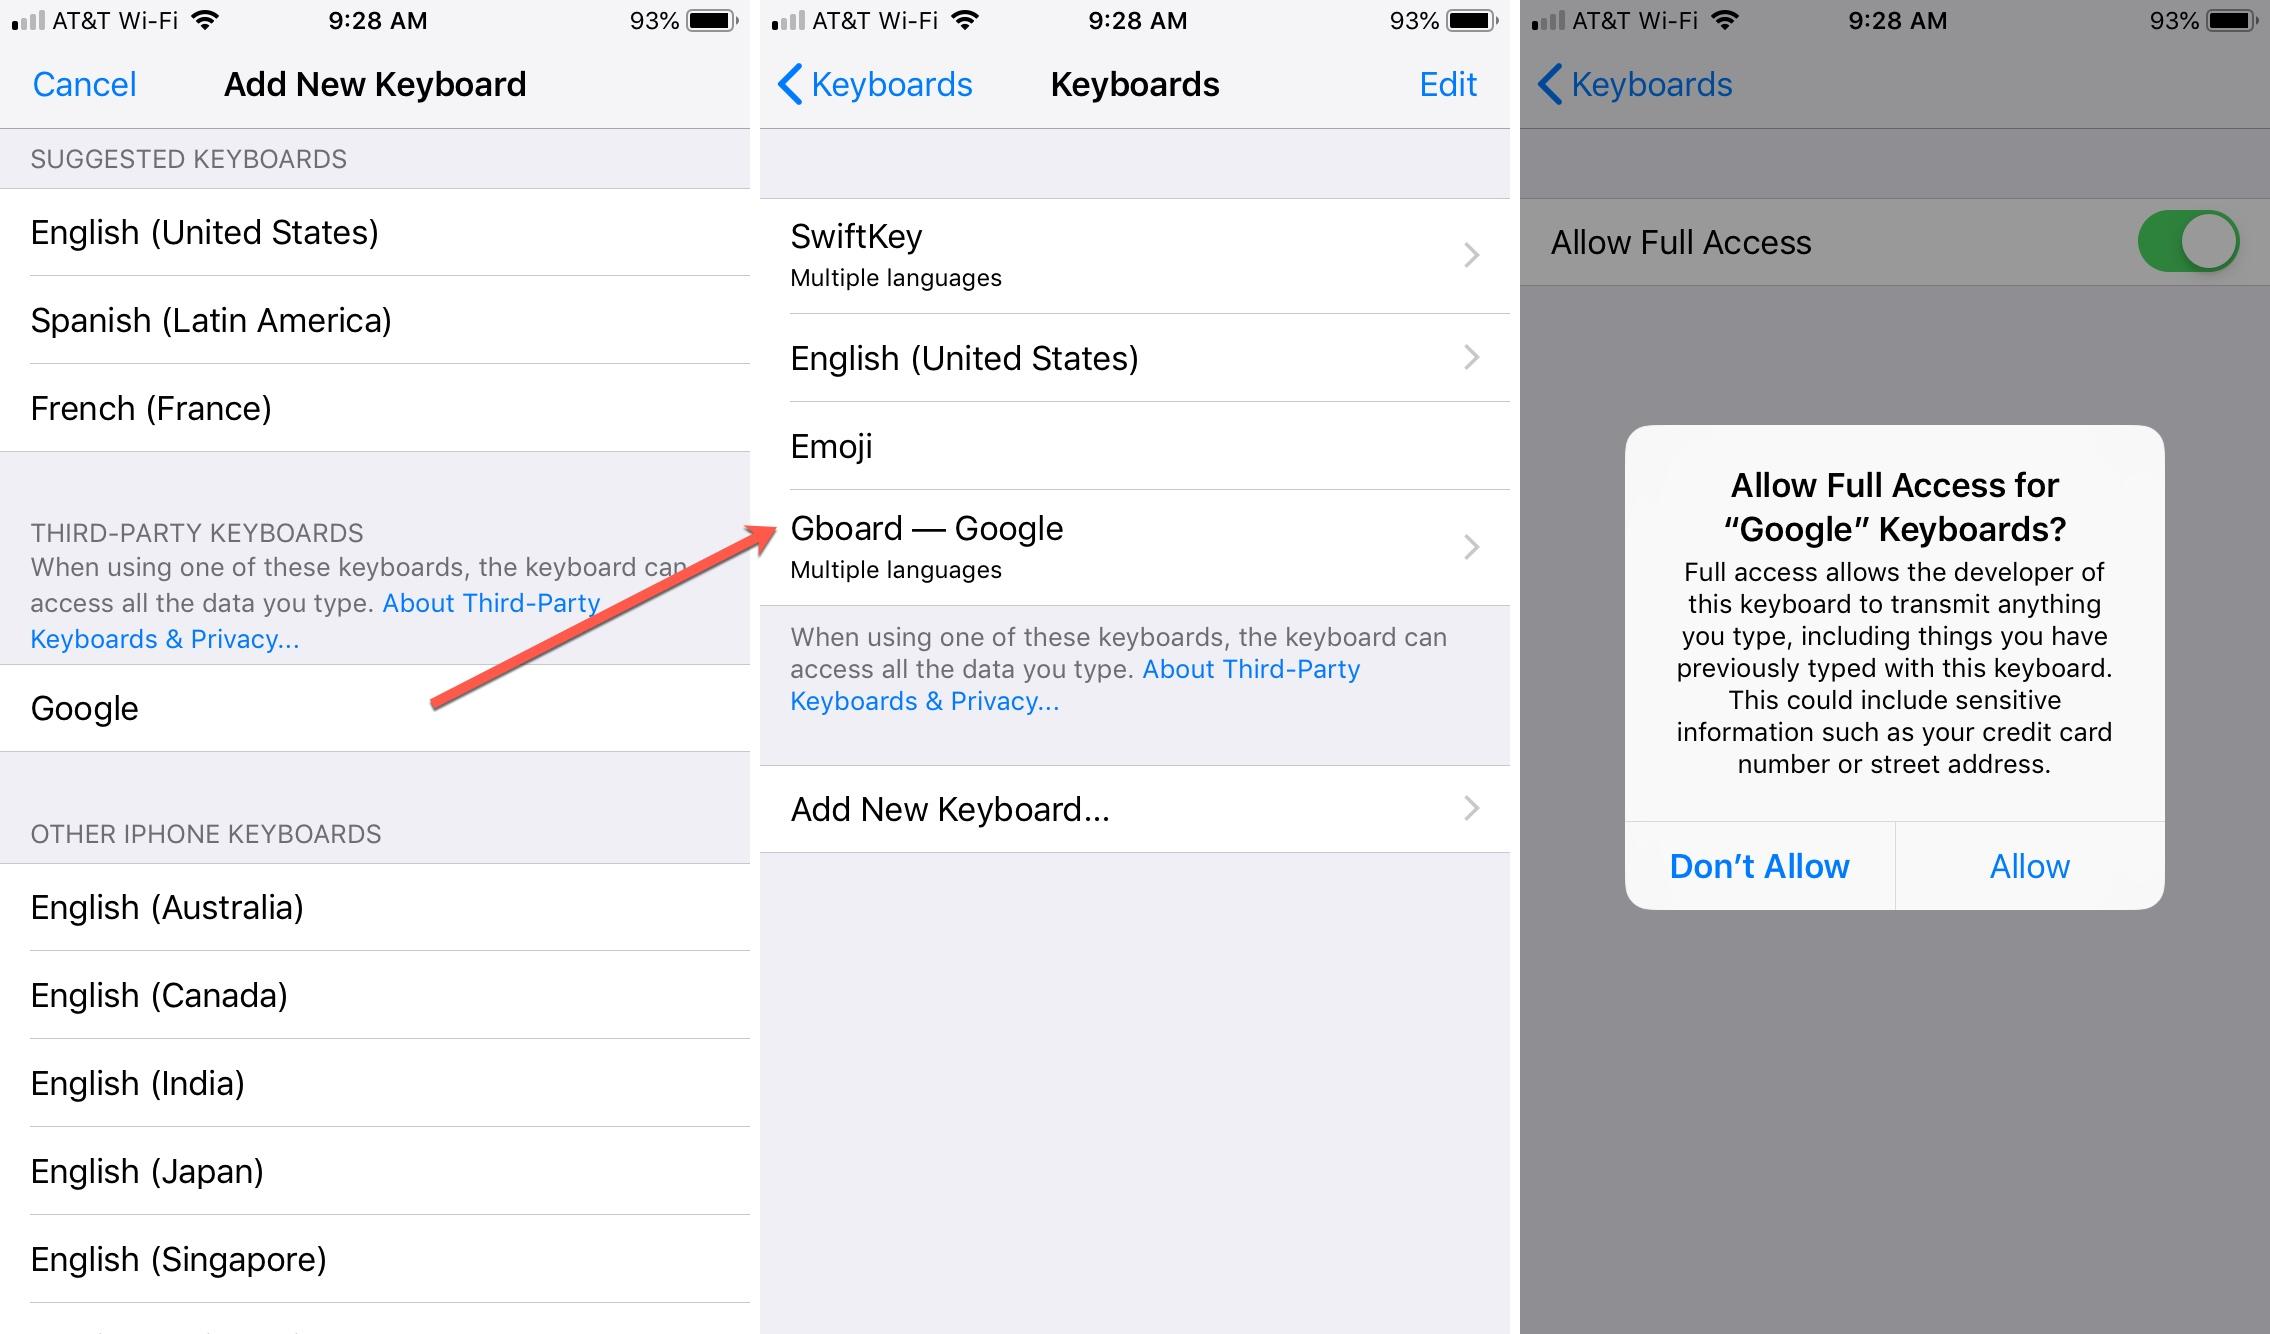 Permitir acceso al nuevo teclado en iPhone